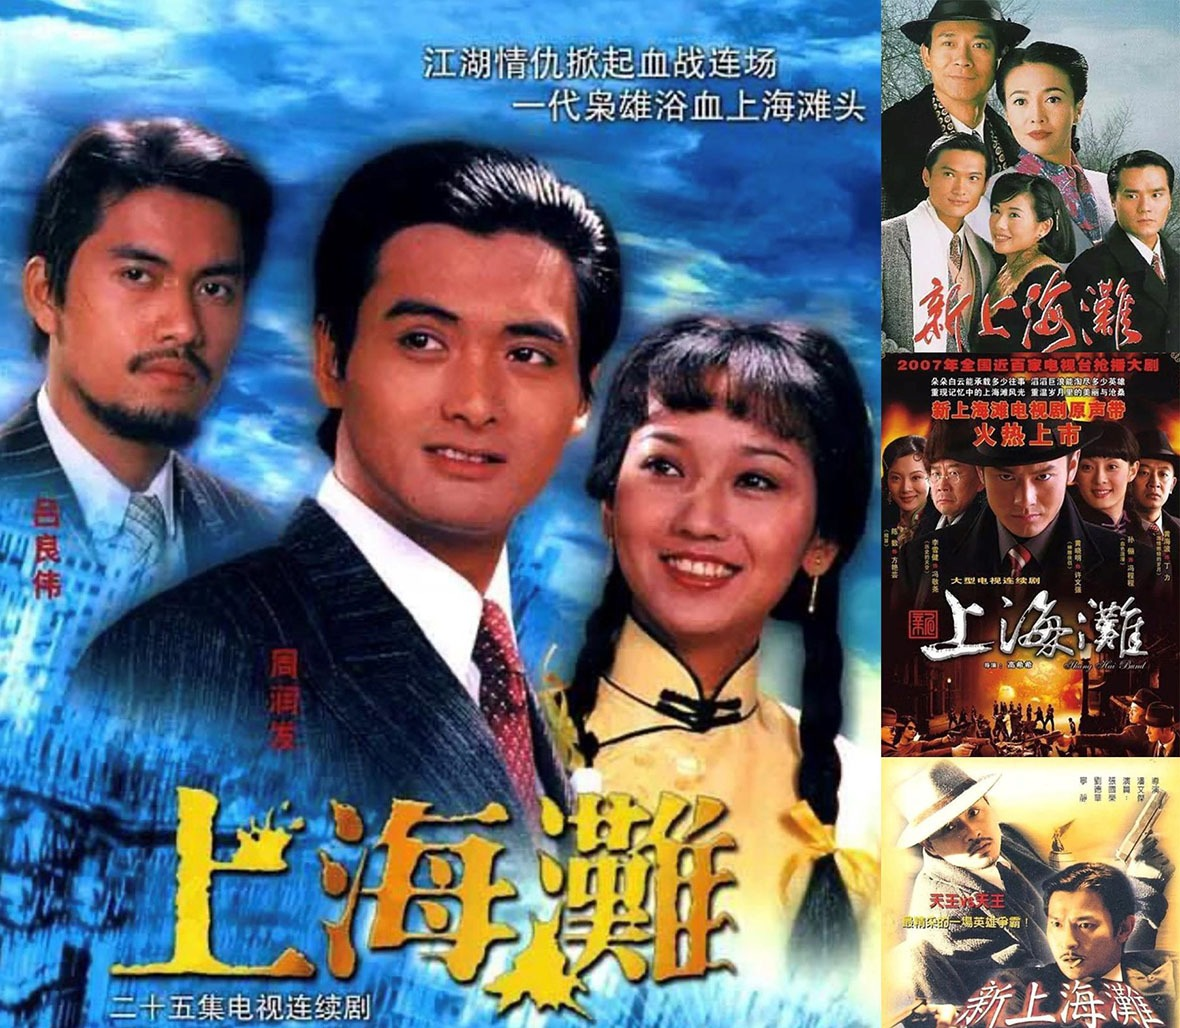 《上海灘》多次重拍,但仍然是周潤發和趙雅芝合版本,是影迷心目中的經典。